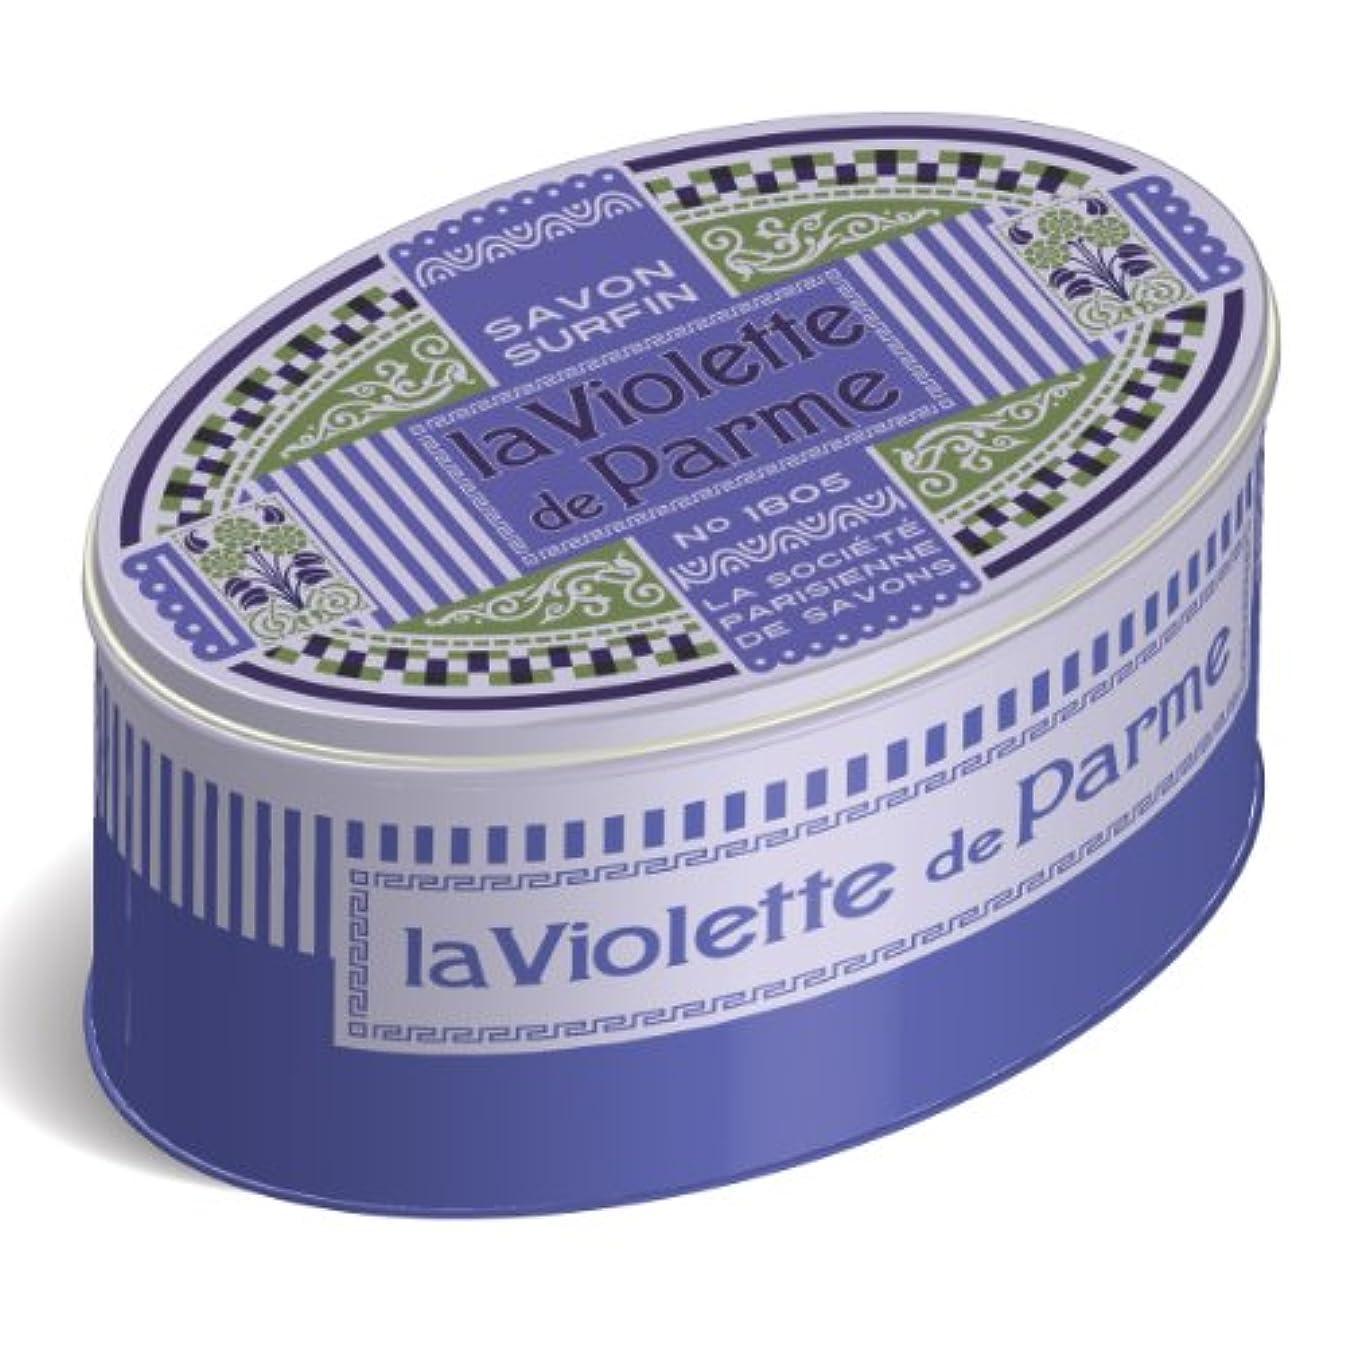 調子使い込む透けて見えるLA SOCIETE PARISIENNE DE SAVONS フレグランスソープ(缶入) 250g 「ラヴィオットデパルム」 3440576130614